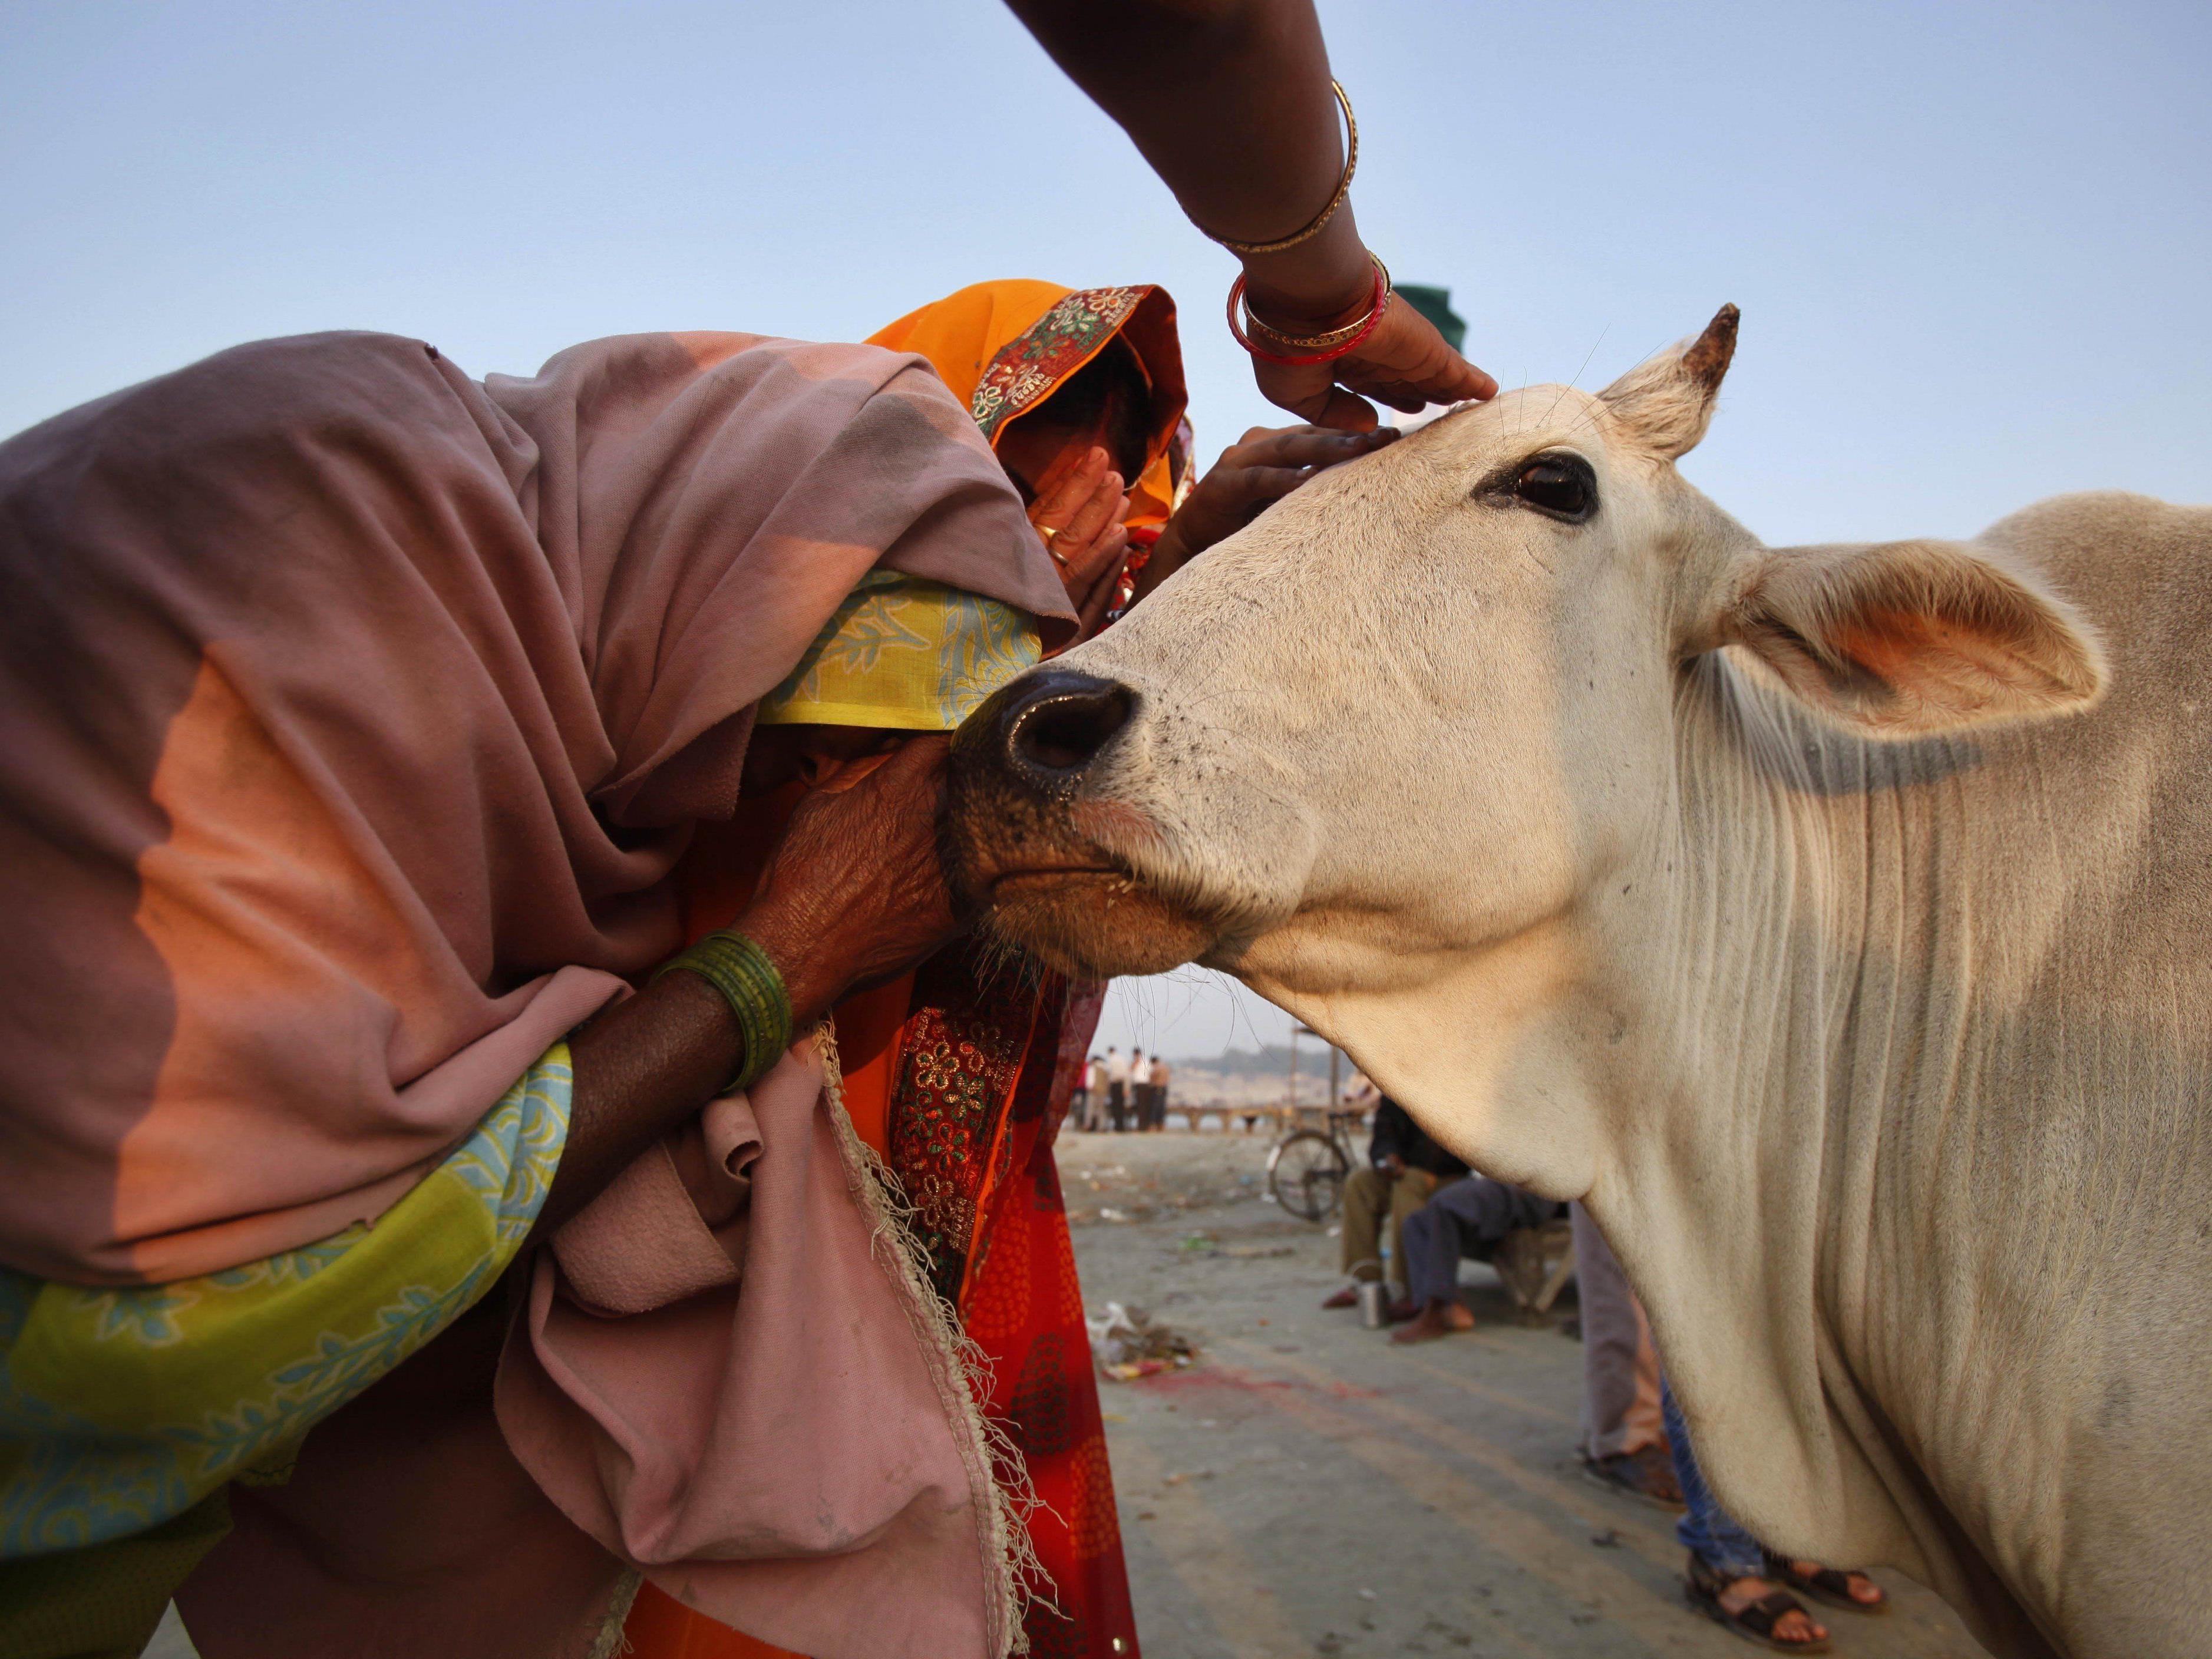 Für Hindus nimmt die Kuh einen ganz besonderen Stellenwert ein.